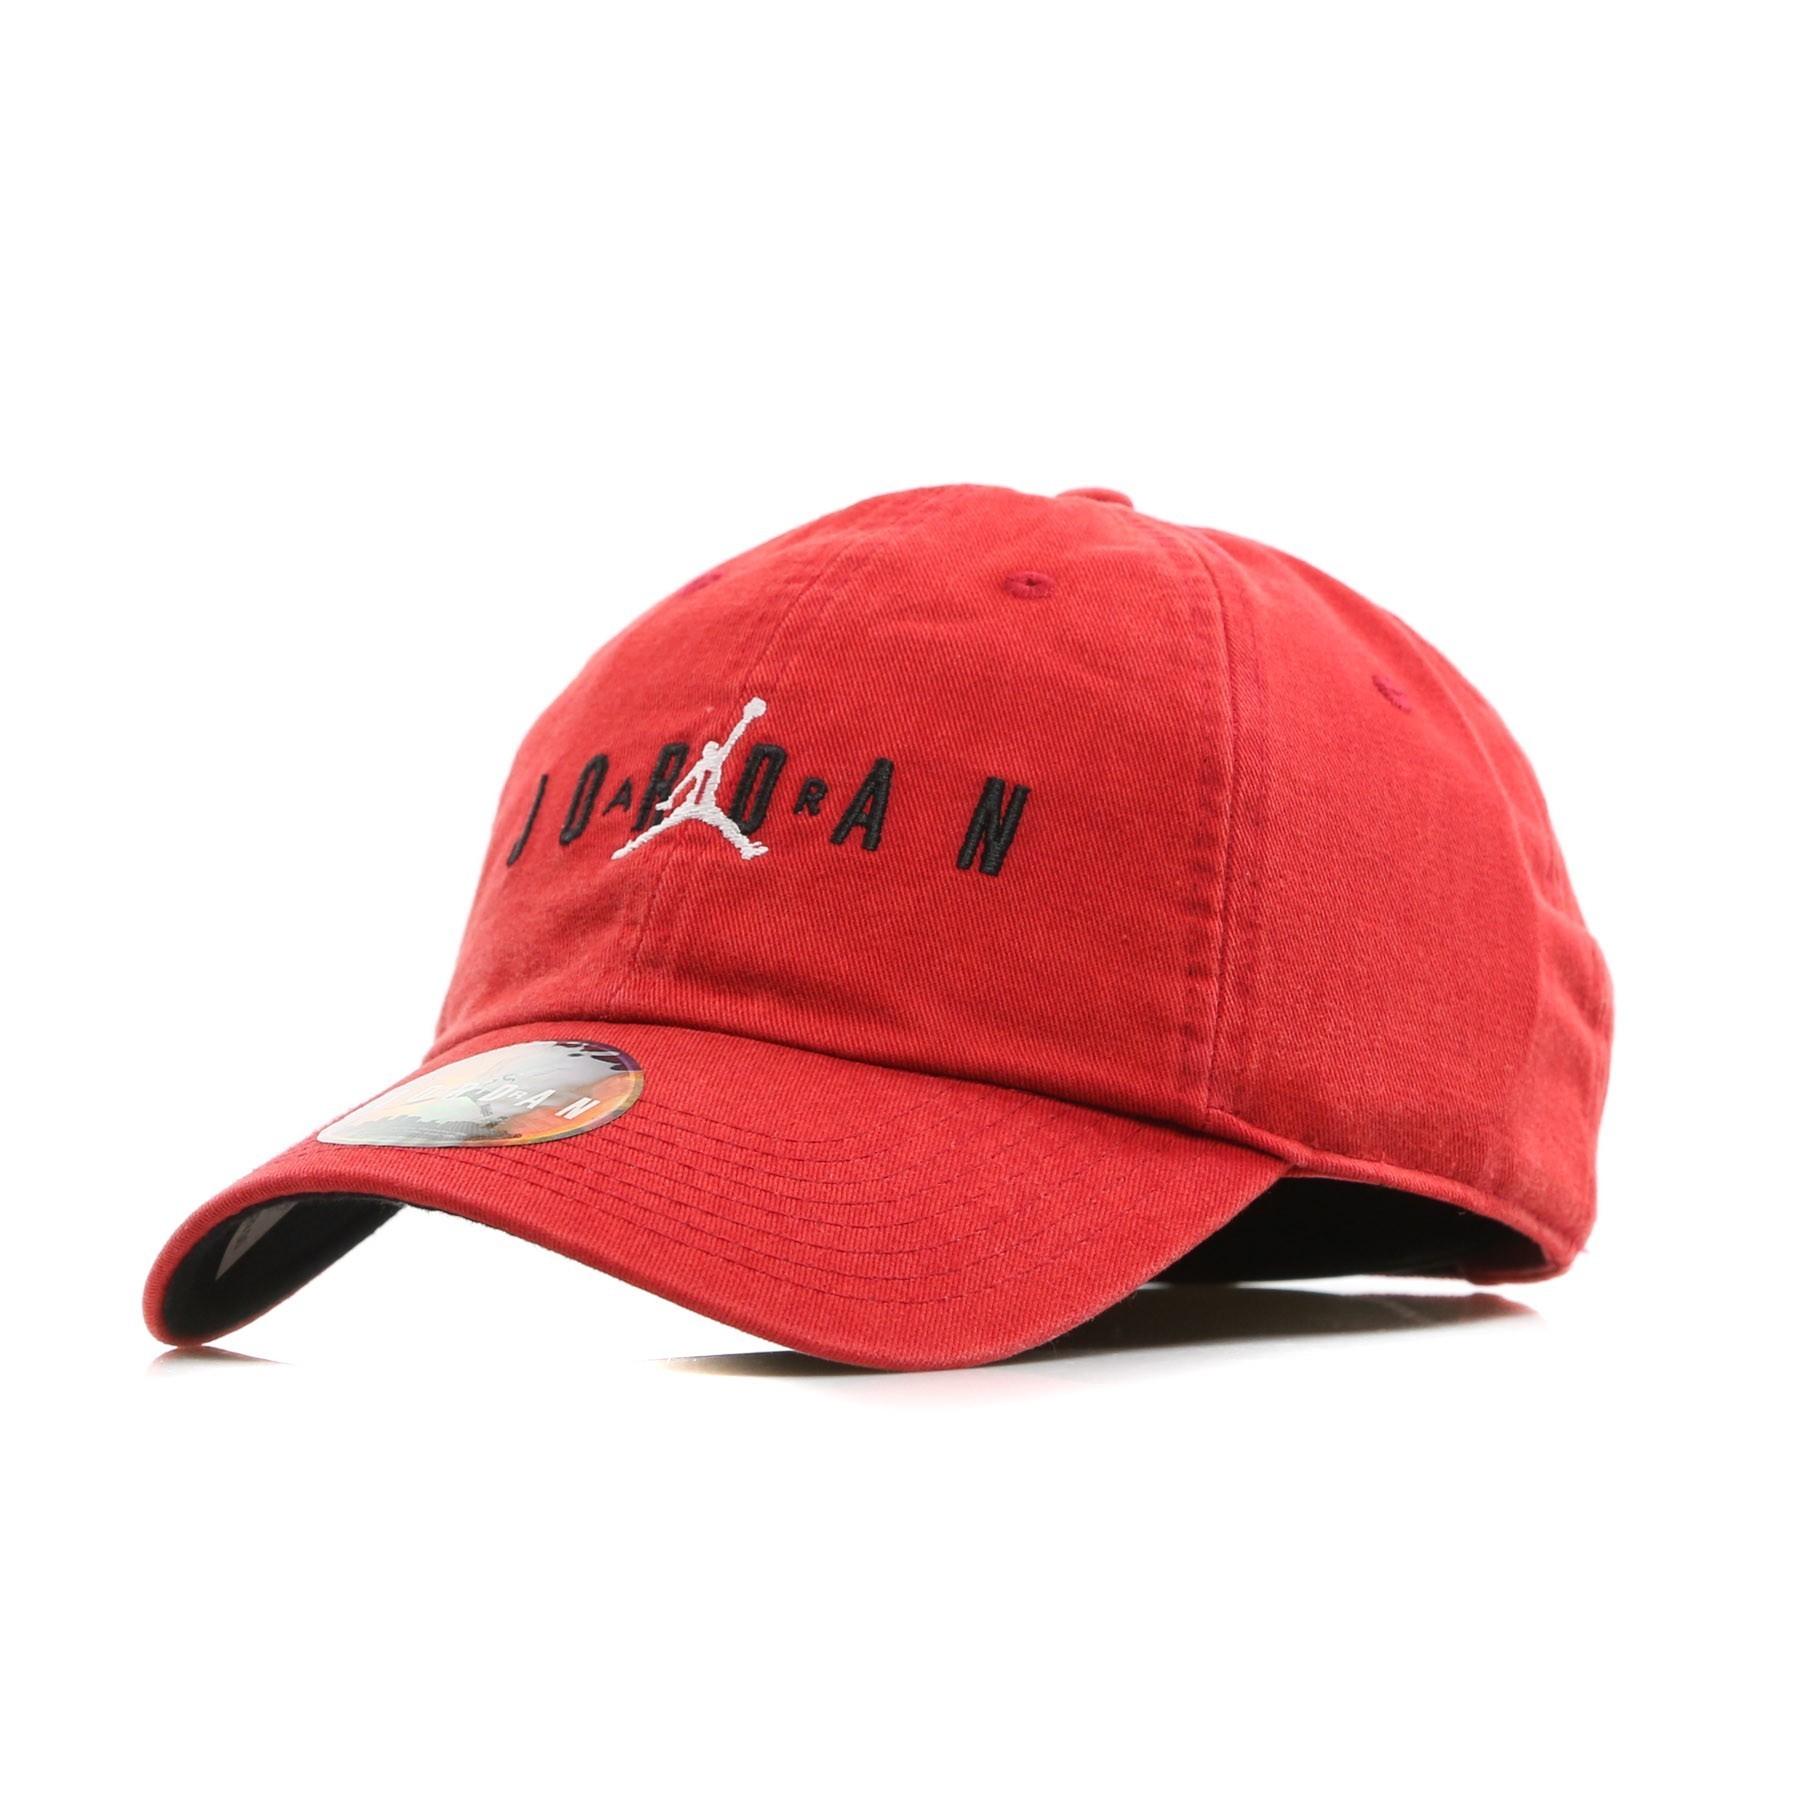 CAPPELLO VISIERA CURVA JORDAN H86 AIR CAP GYM RED BLACK ... 20931e3e29ef